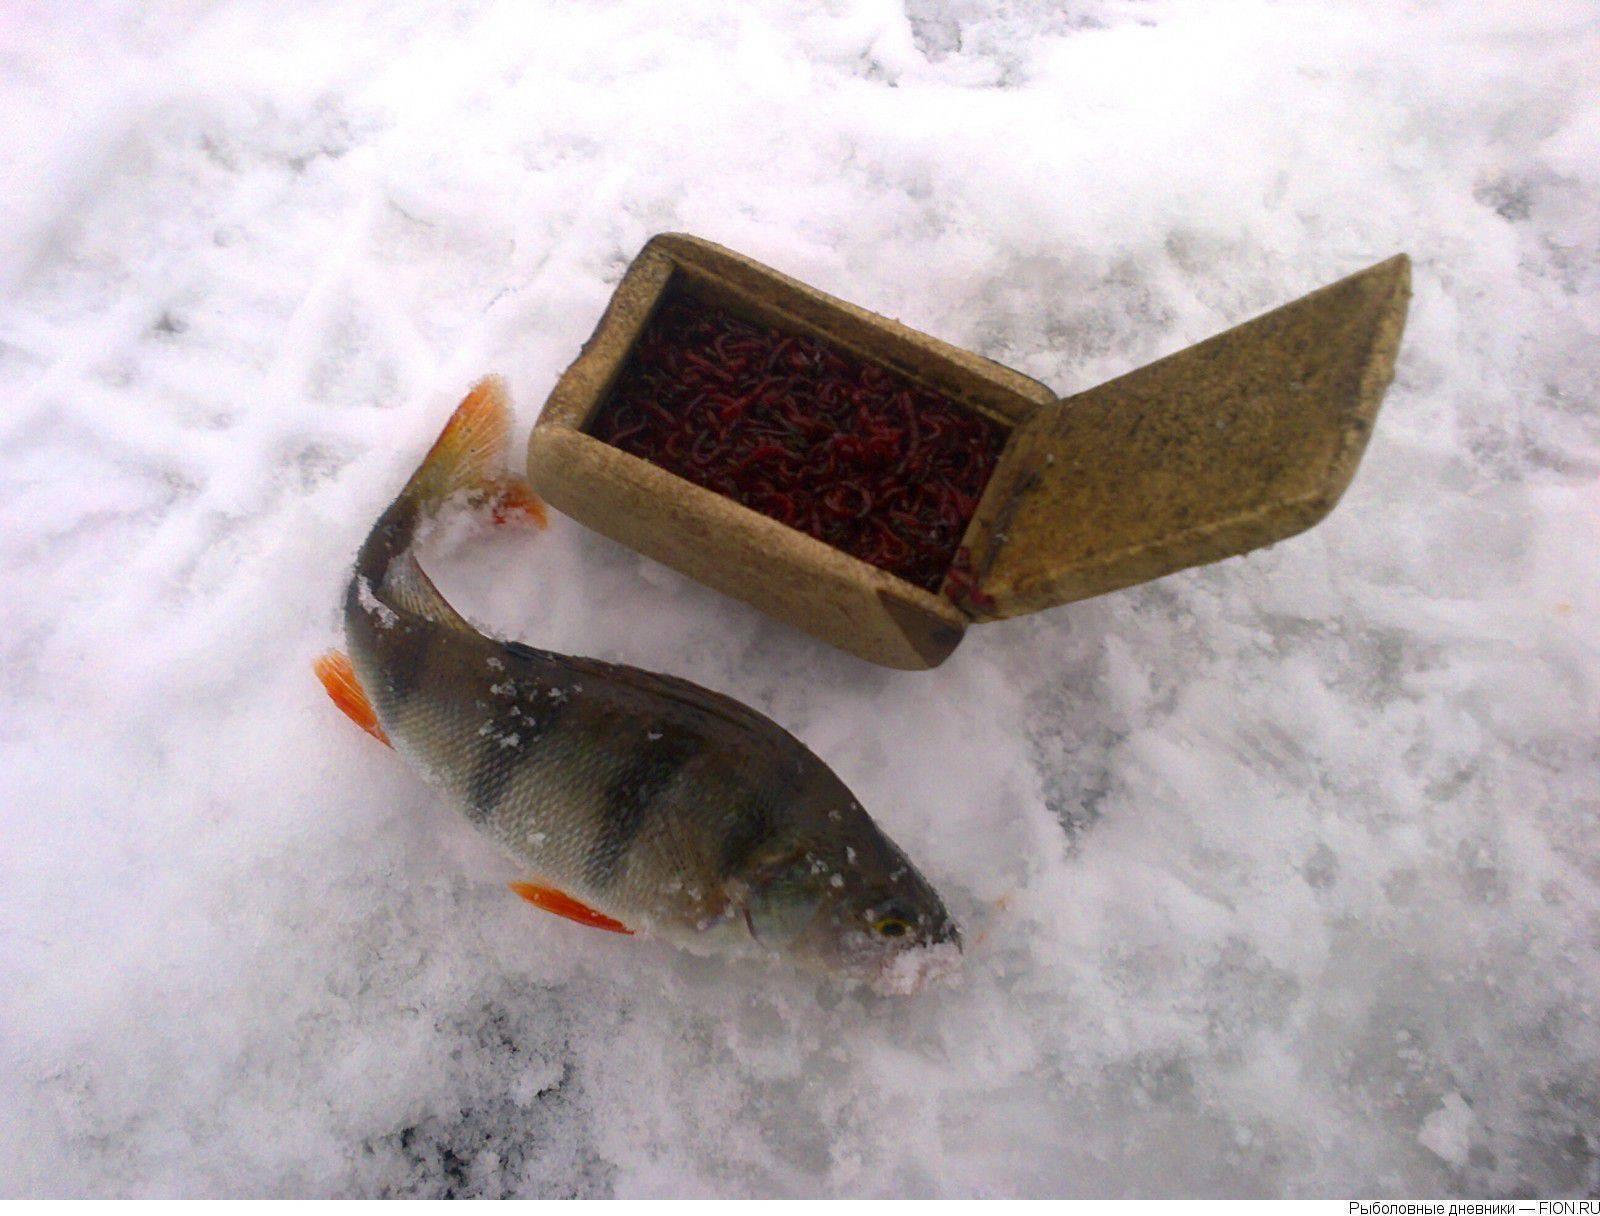 Химкинское водохранилище - читайте на сatcher.fish